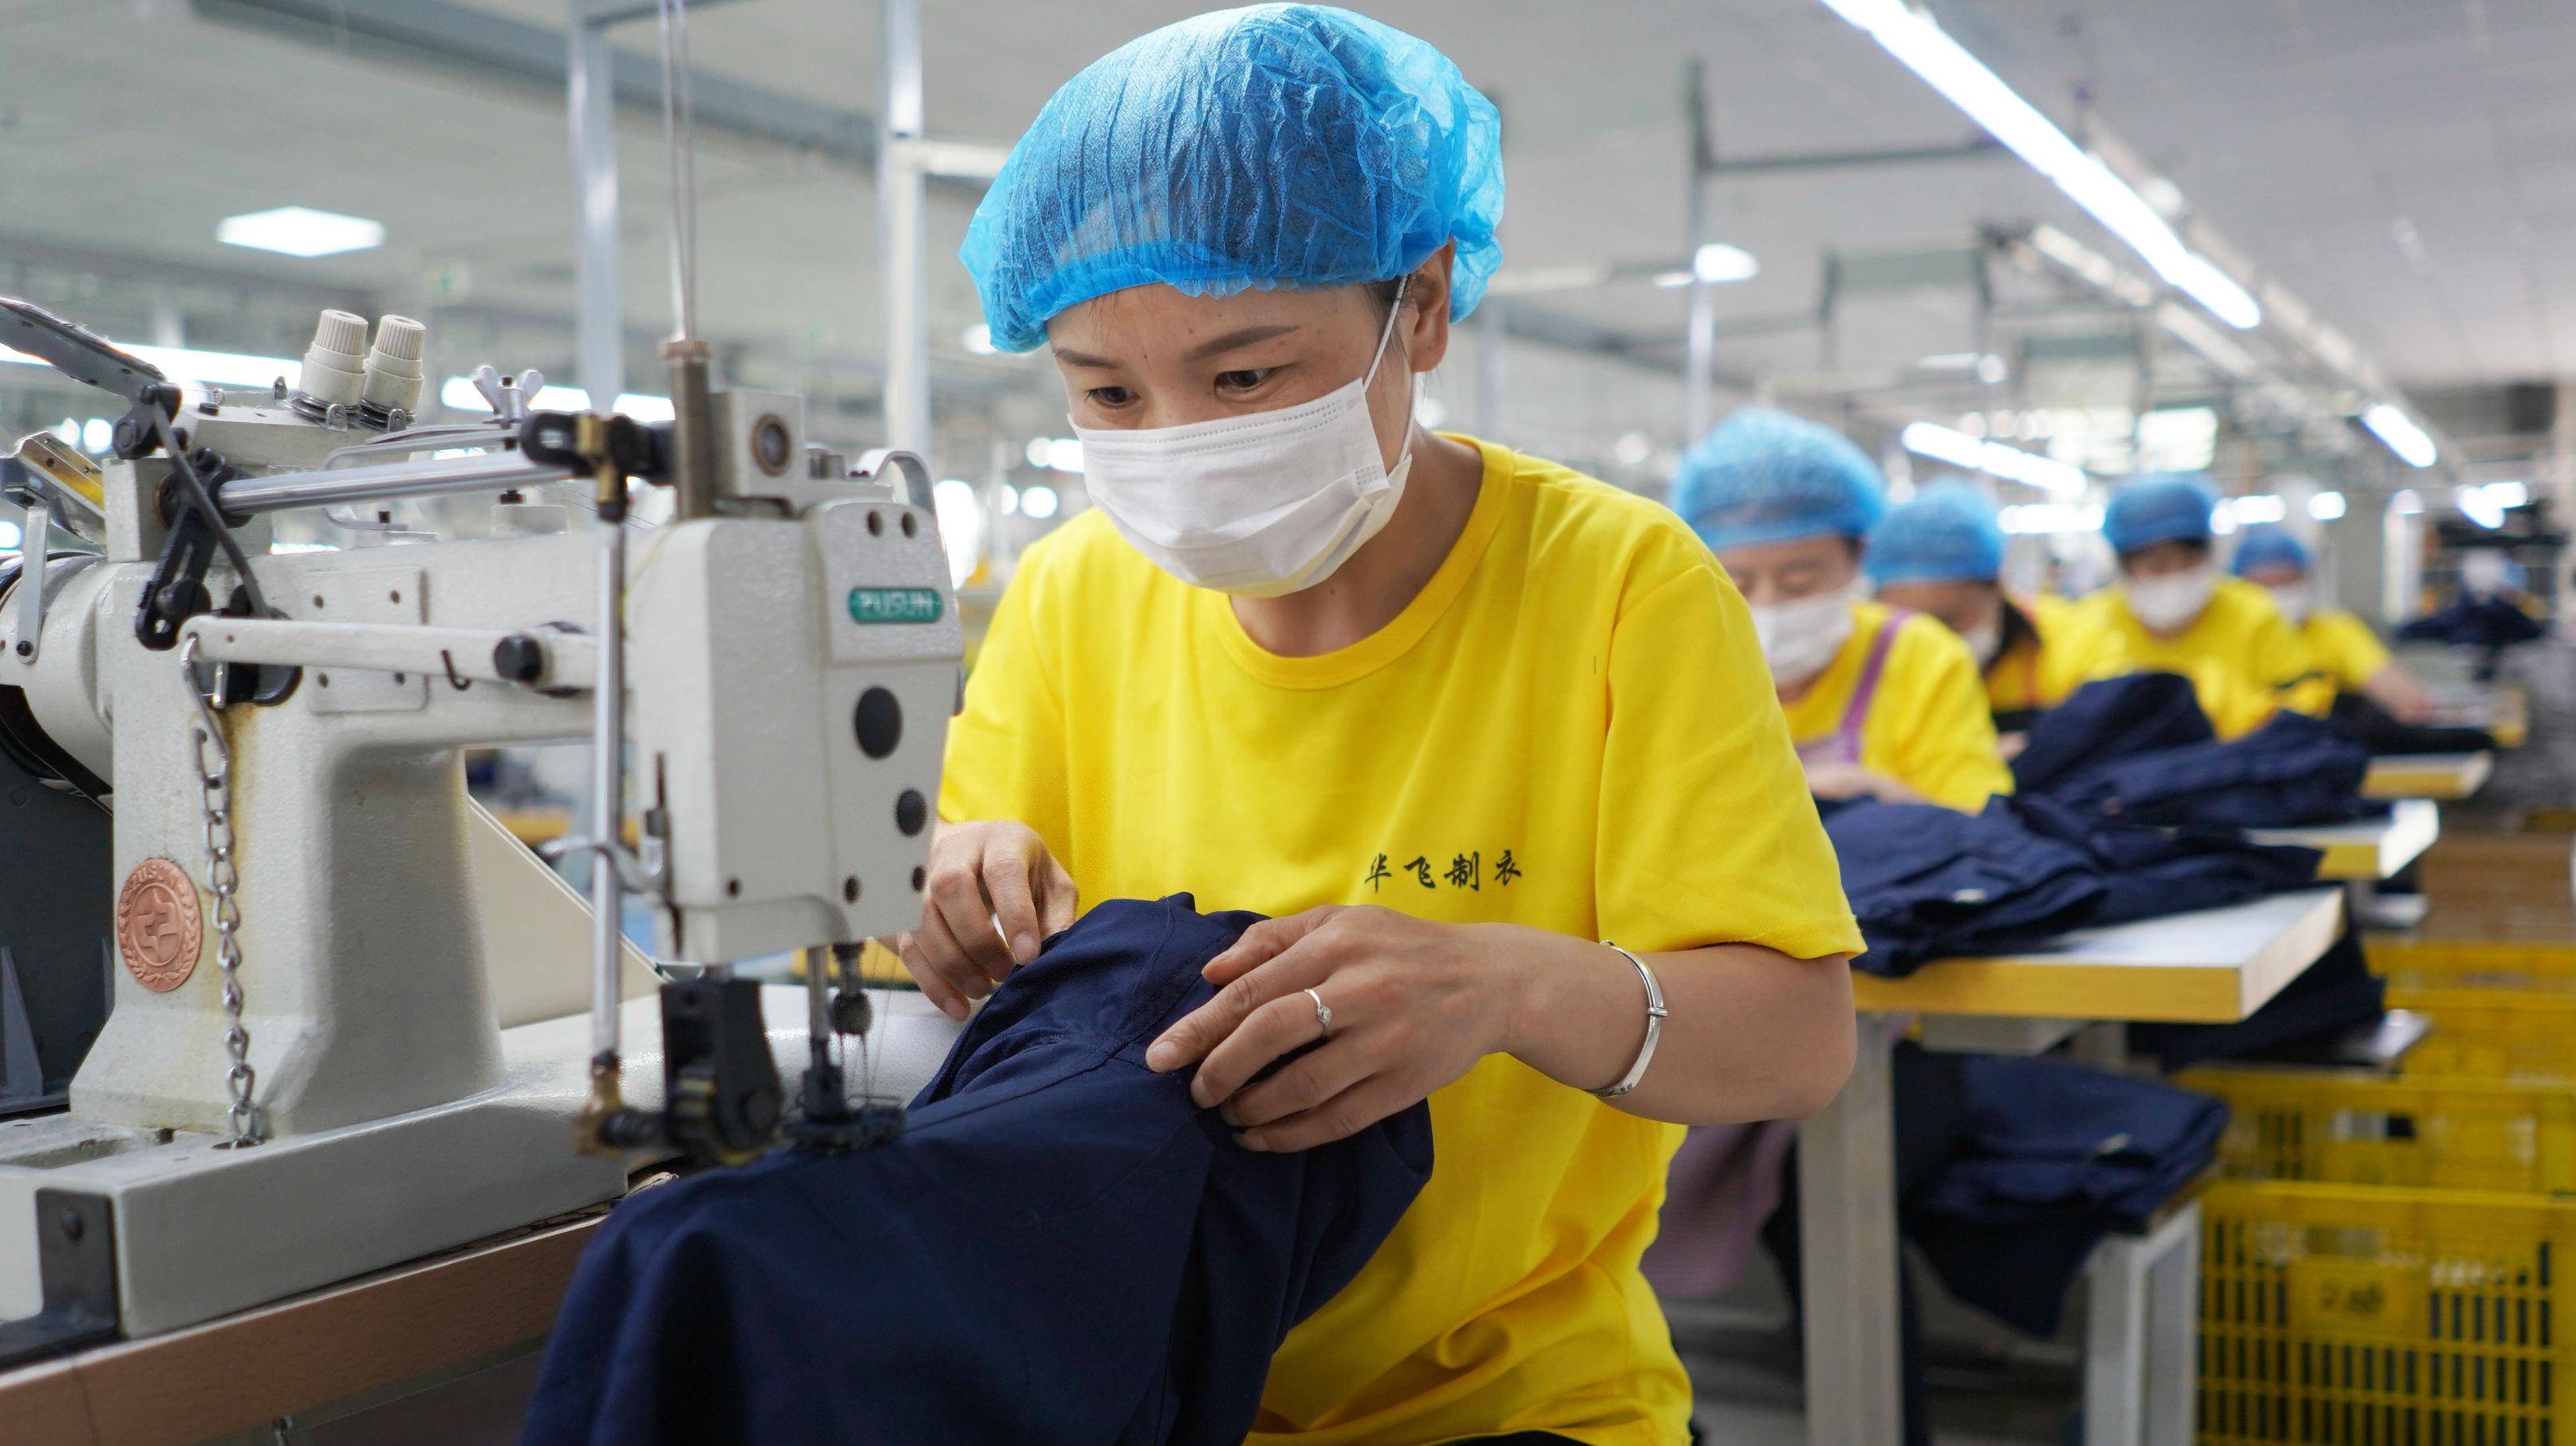 境外媒体:中国经济复苏势头进一步巩固